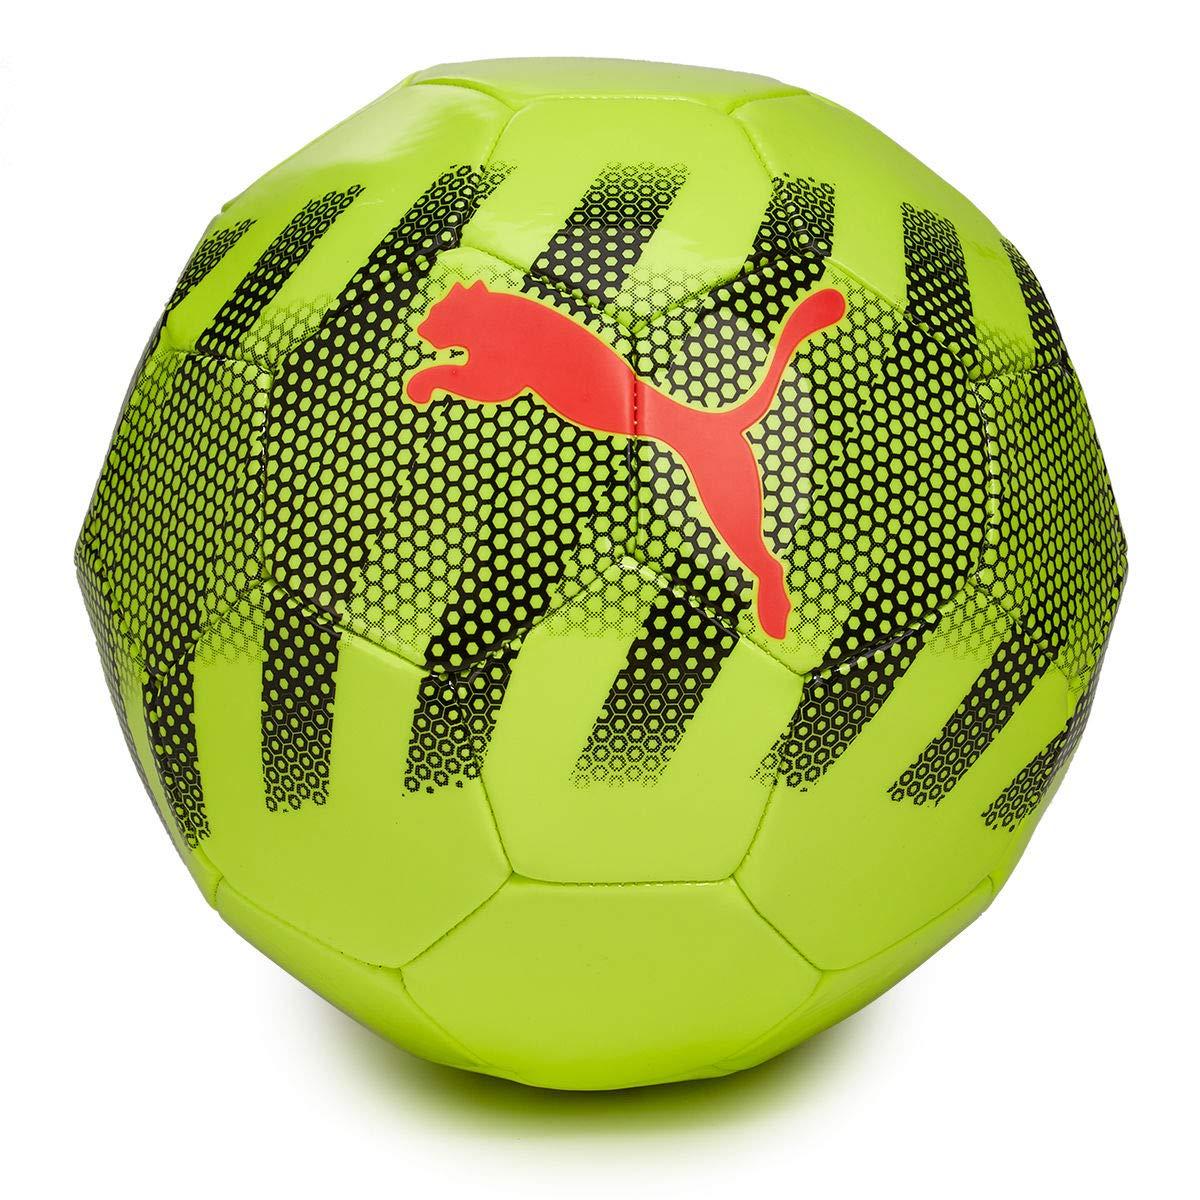 Puma Spirit - Balón de fútbol, 5, Fizzy Yellow: Amazon.es ...